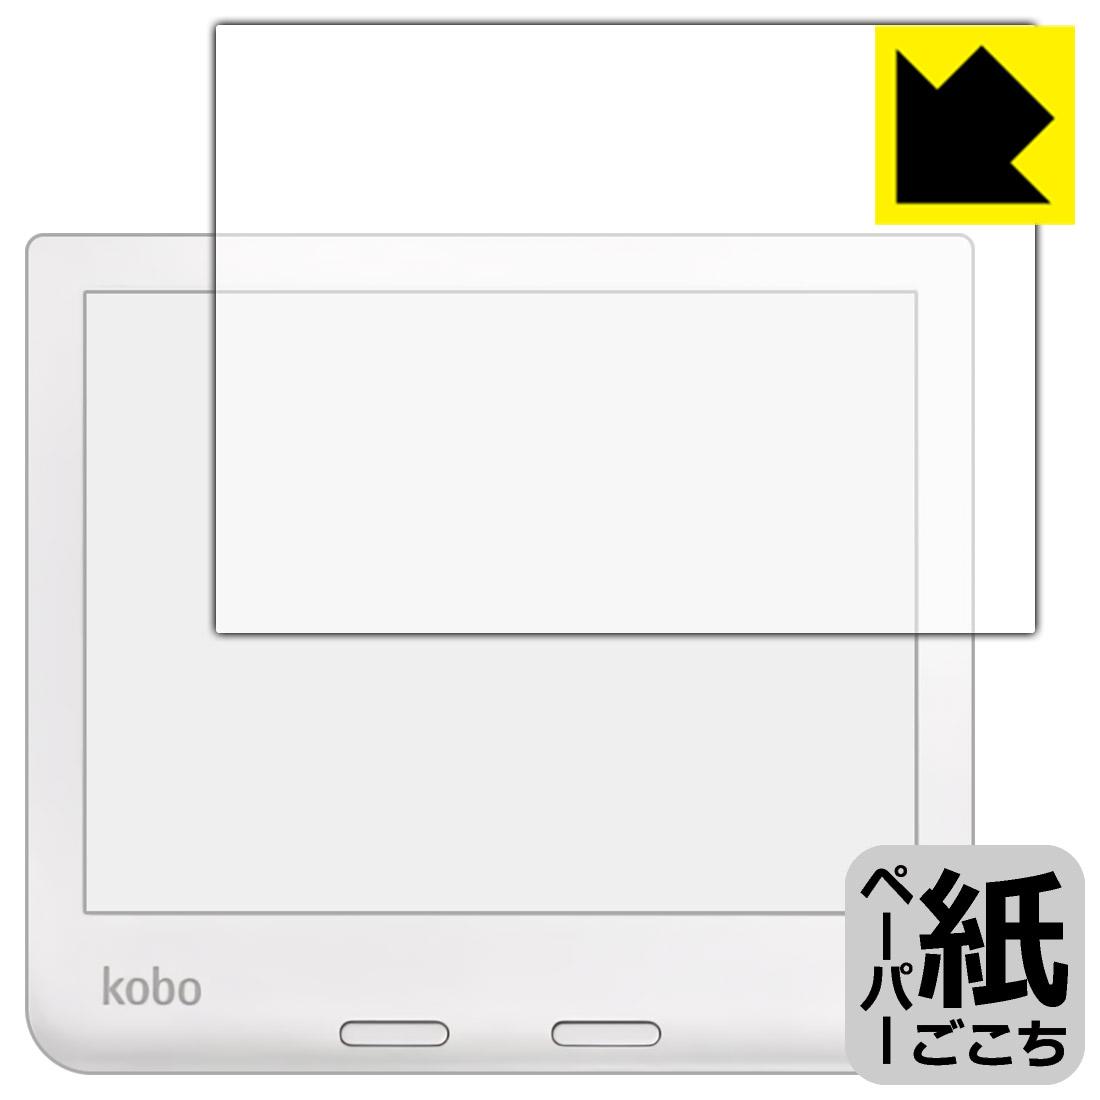 電子書籍リーダーアクセサリー, その他  Kobo Libra 2 RCPsmtb-kd